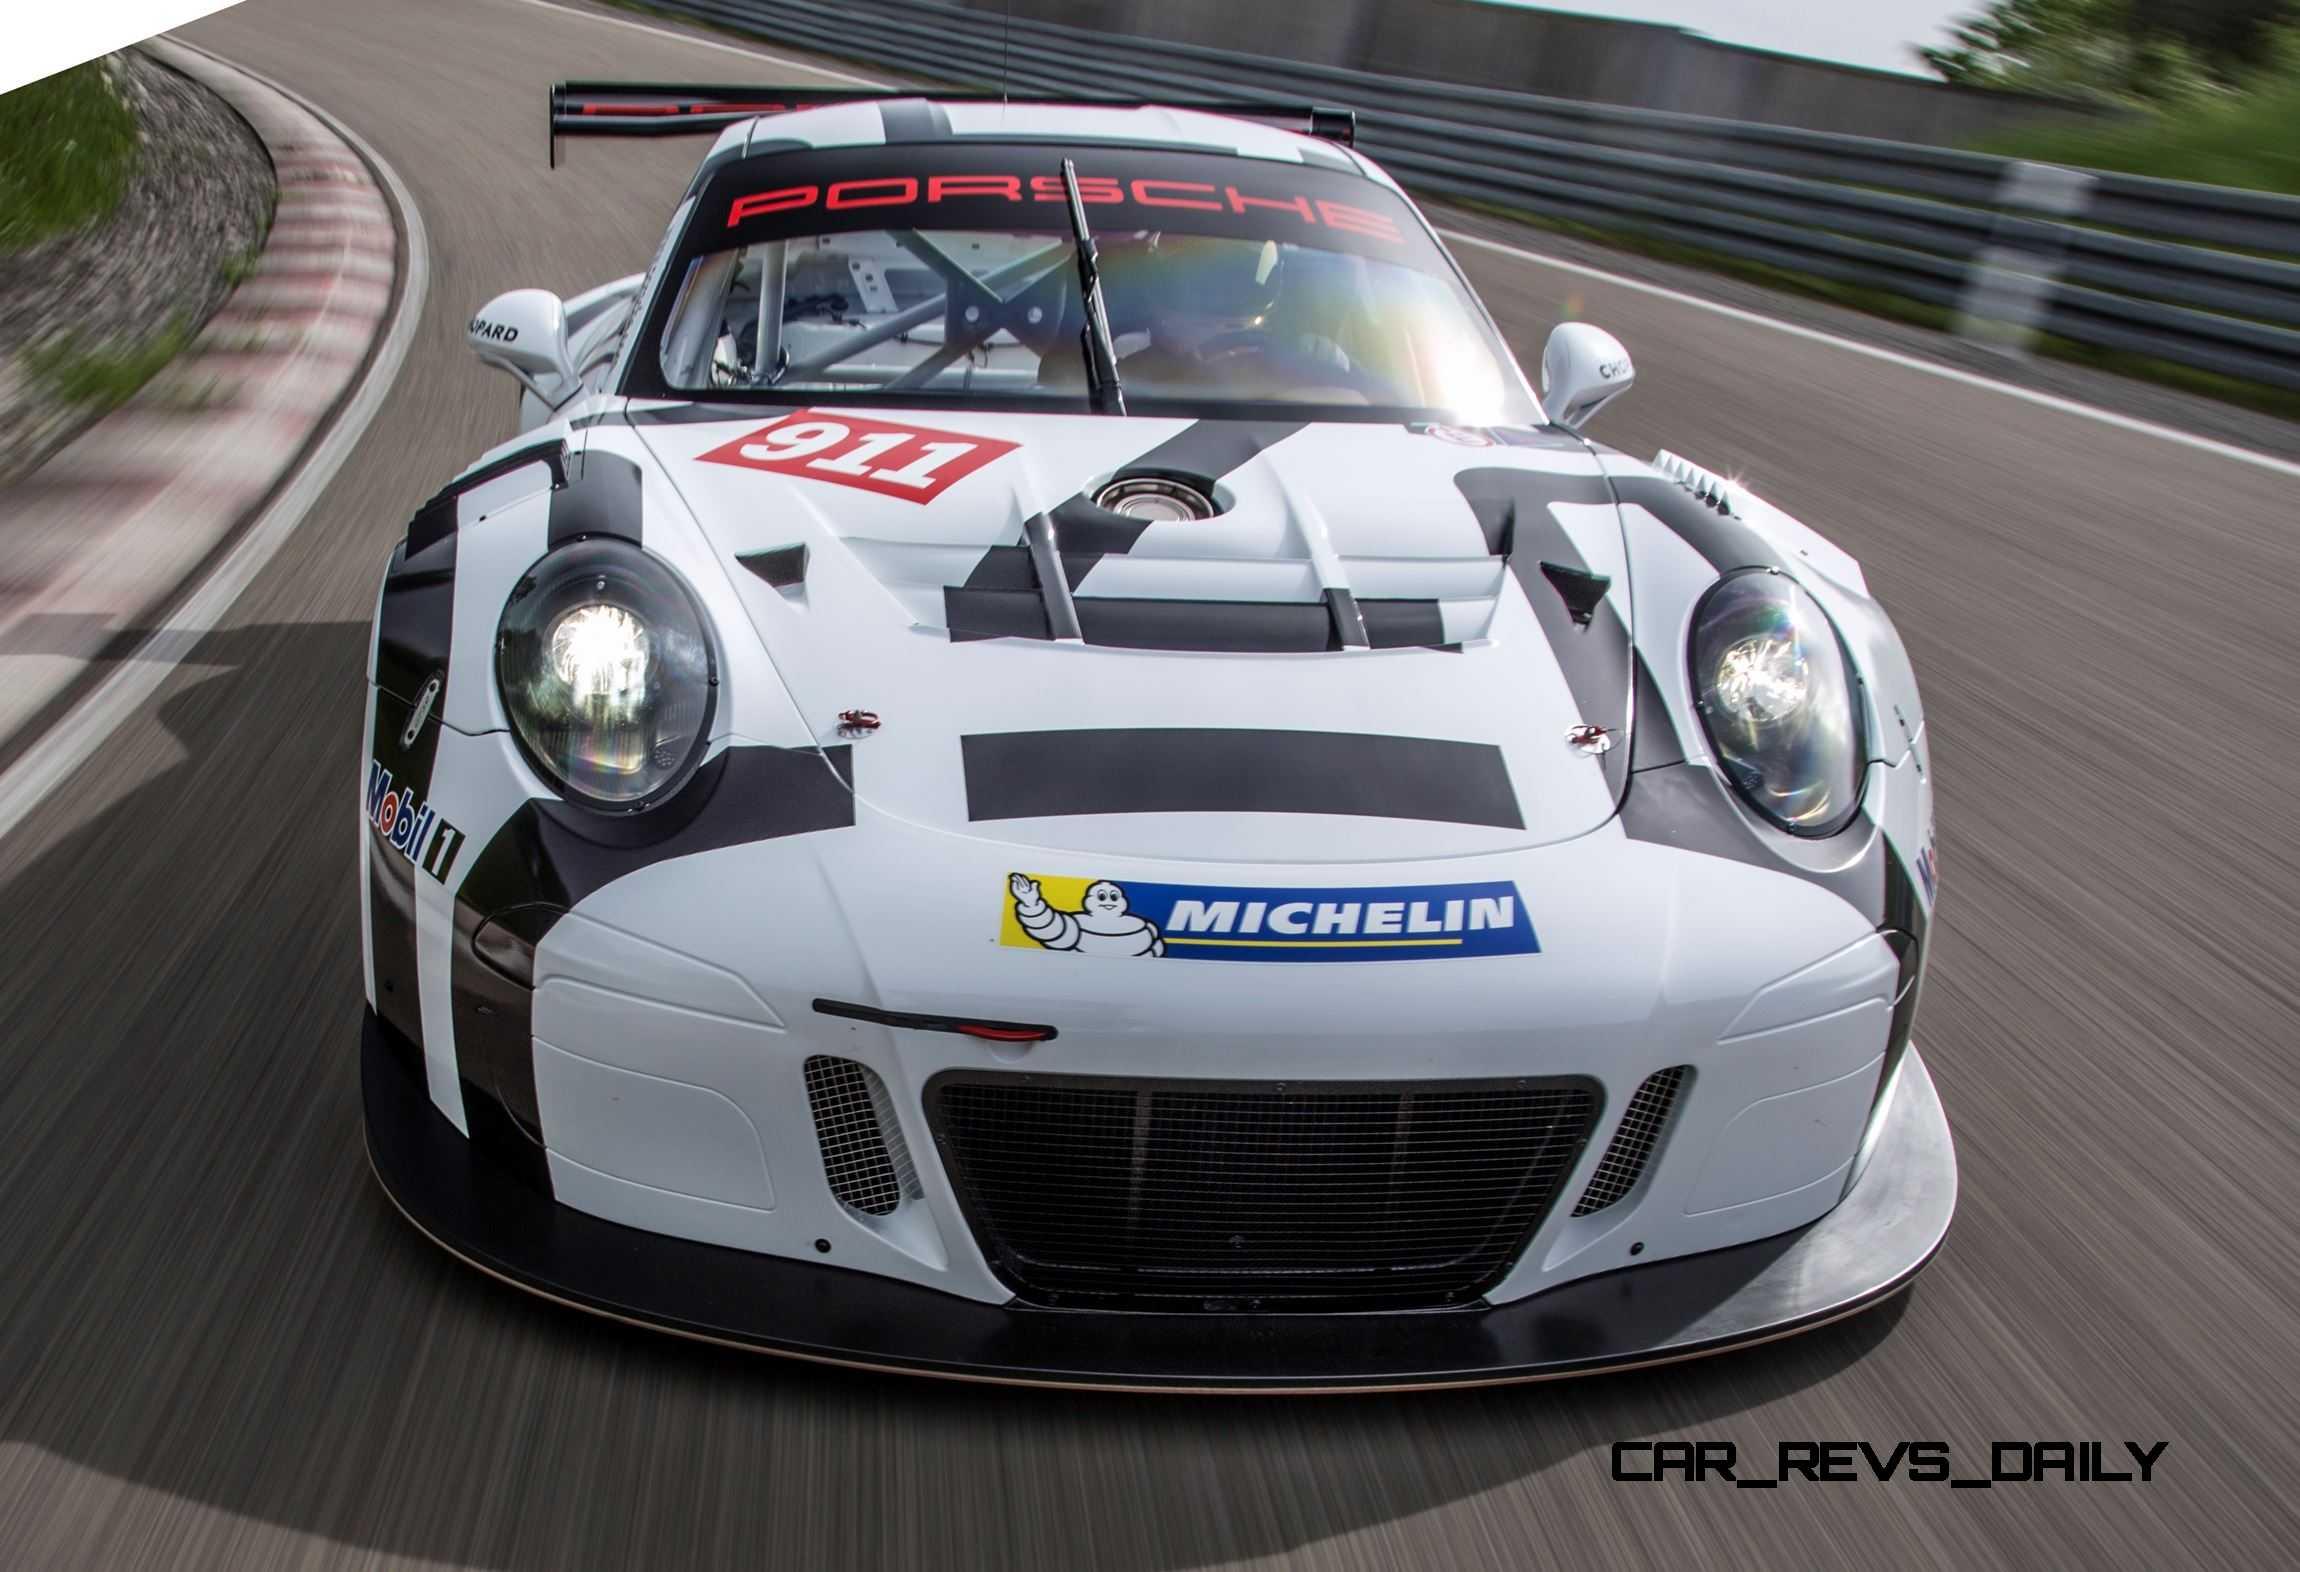 2015 Porsche 911 GT3 R vs. GT3 Cup vs. GT3 RSR on porsche gt3, porsche hre p101 wheels, porsche turbo s, porsche sapphire blue wallpaper, porsche gemballa, porsche 550 wing, porsche cayenne, porsche 4 door, porsche convertible,